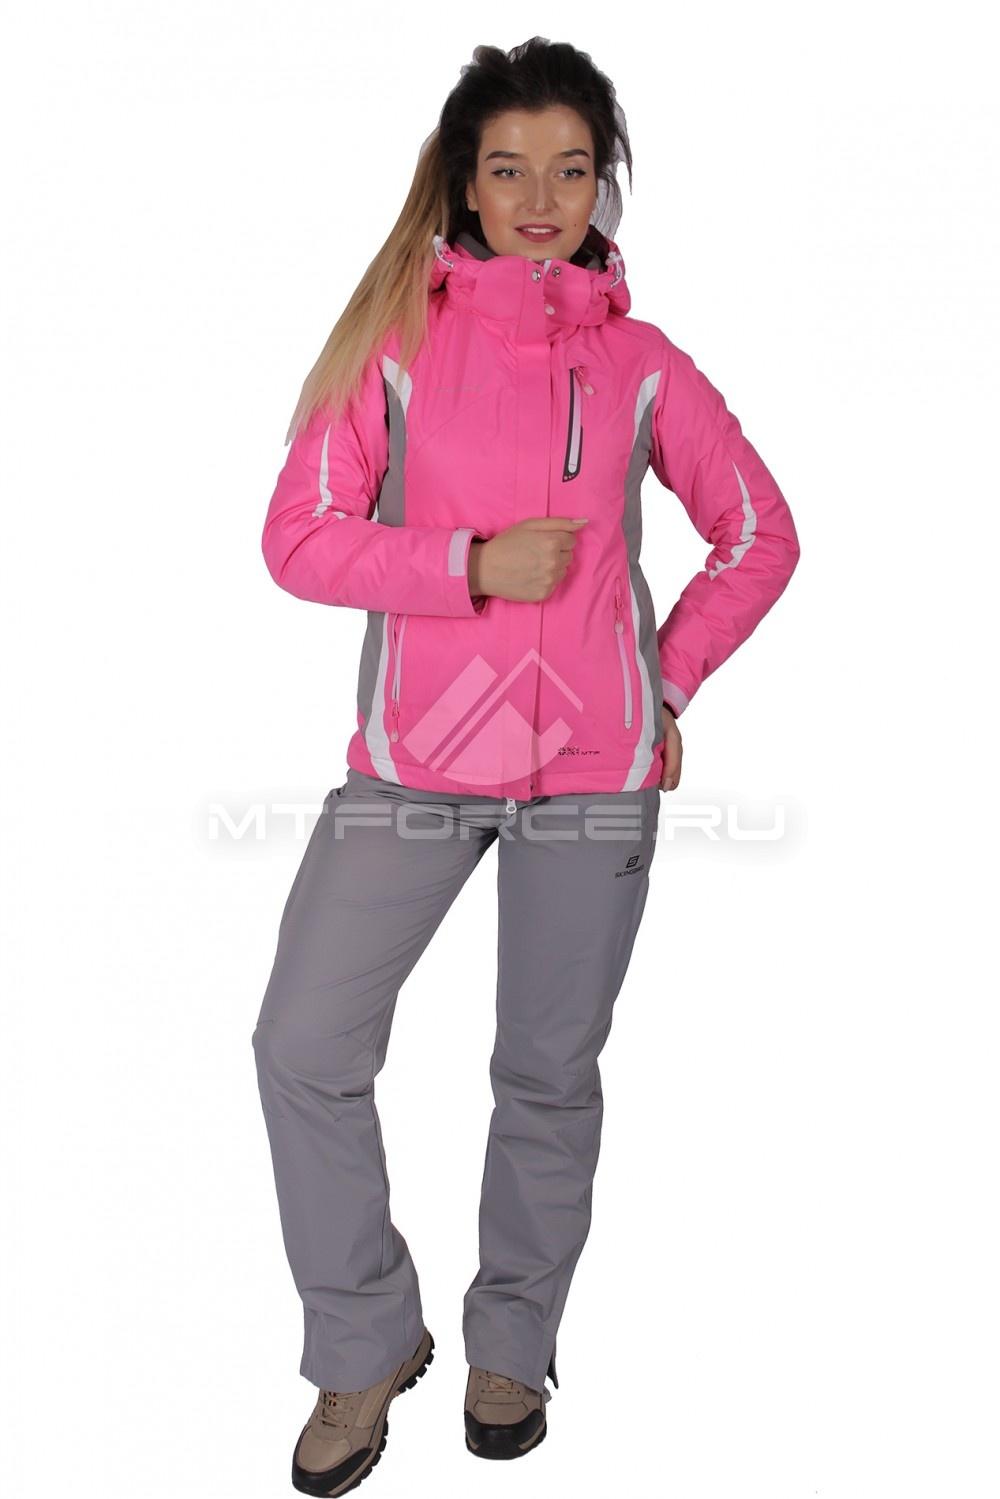 Купить                                  оптом Костюм женский осень весна розового цвета 01717R-1 в Новосибирске